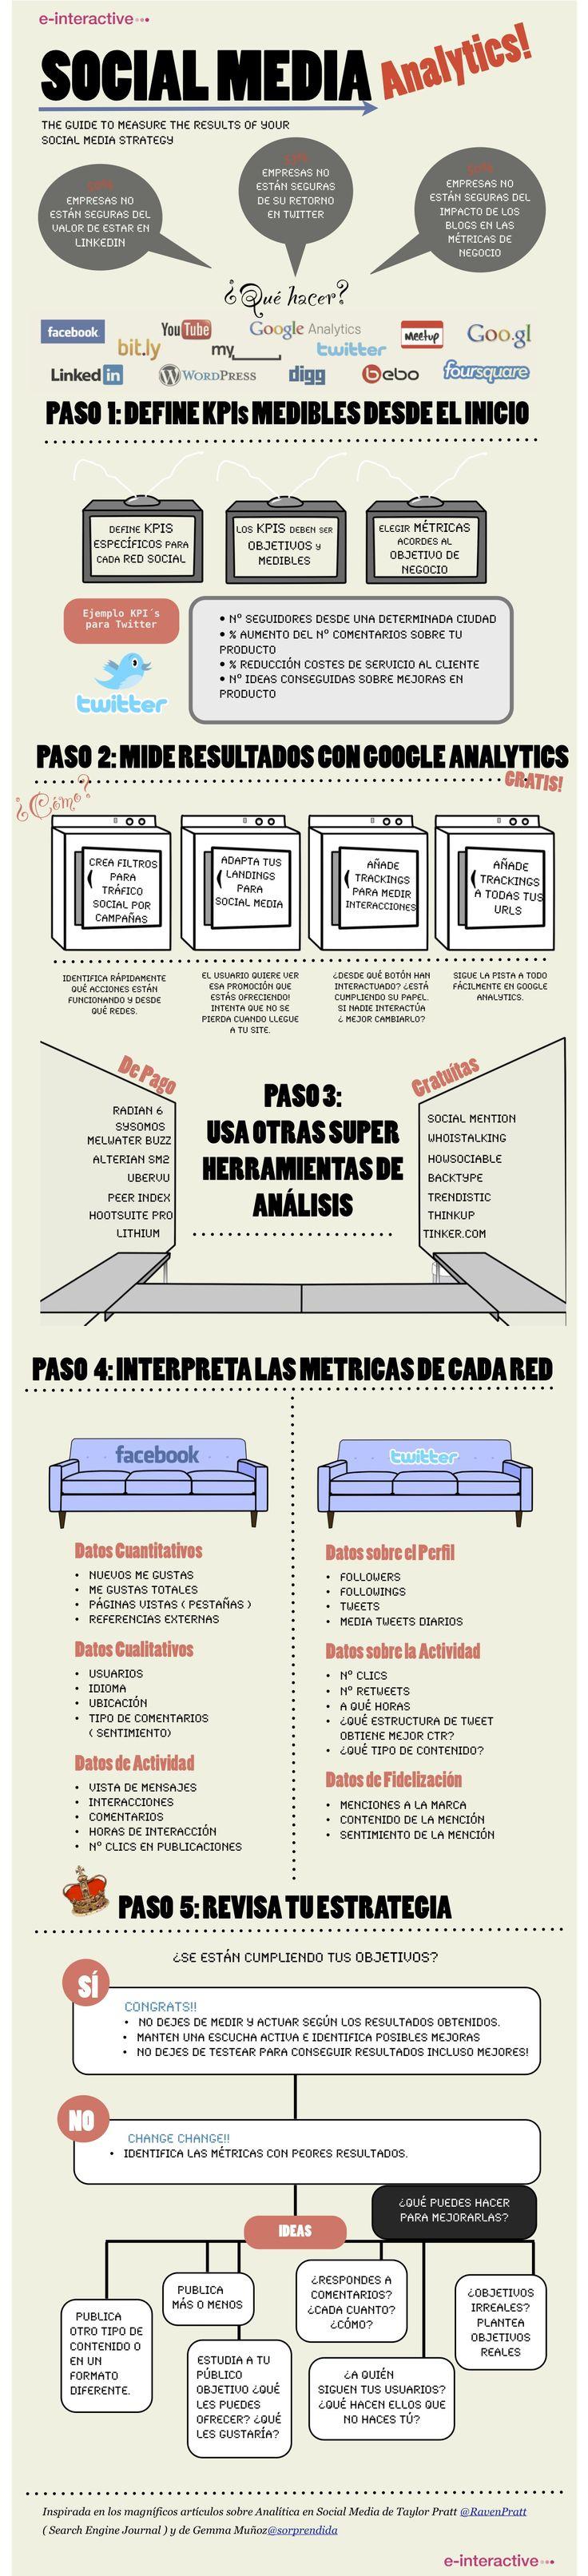 Cómo medir tus resultados en el Social Media #infografia #infographic #socialmedia